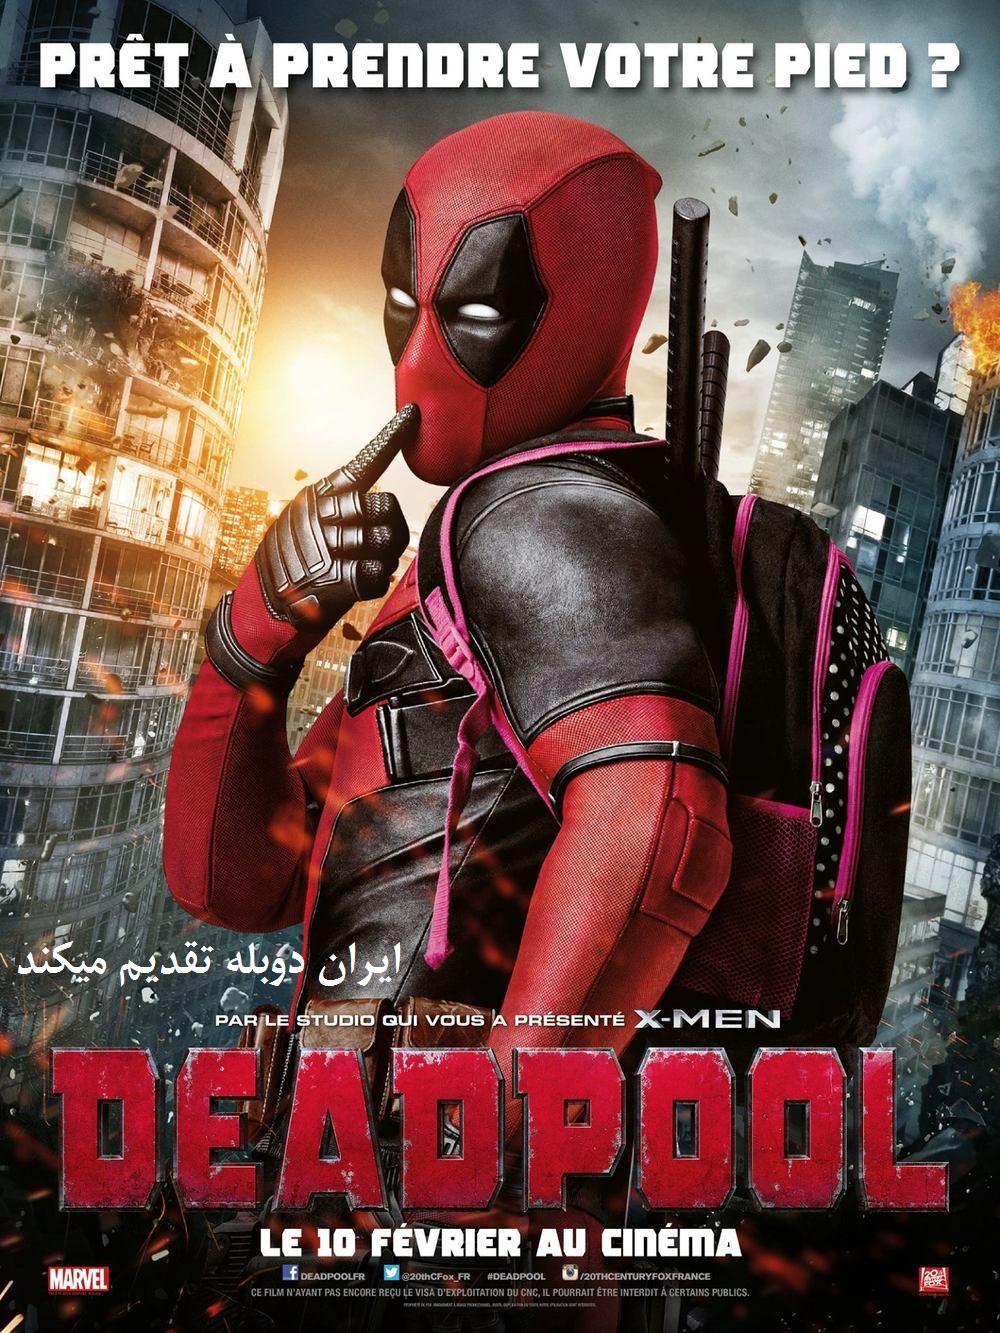 دانلود فیلم ددپول Deadpool 2016 دوبله فارسی و سانسور شده